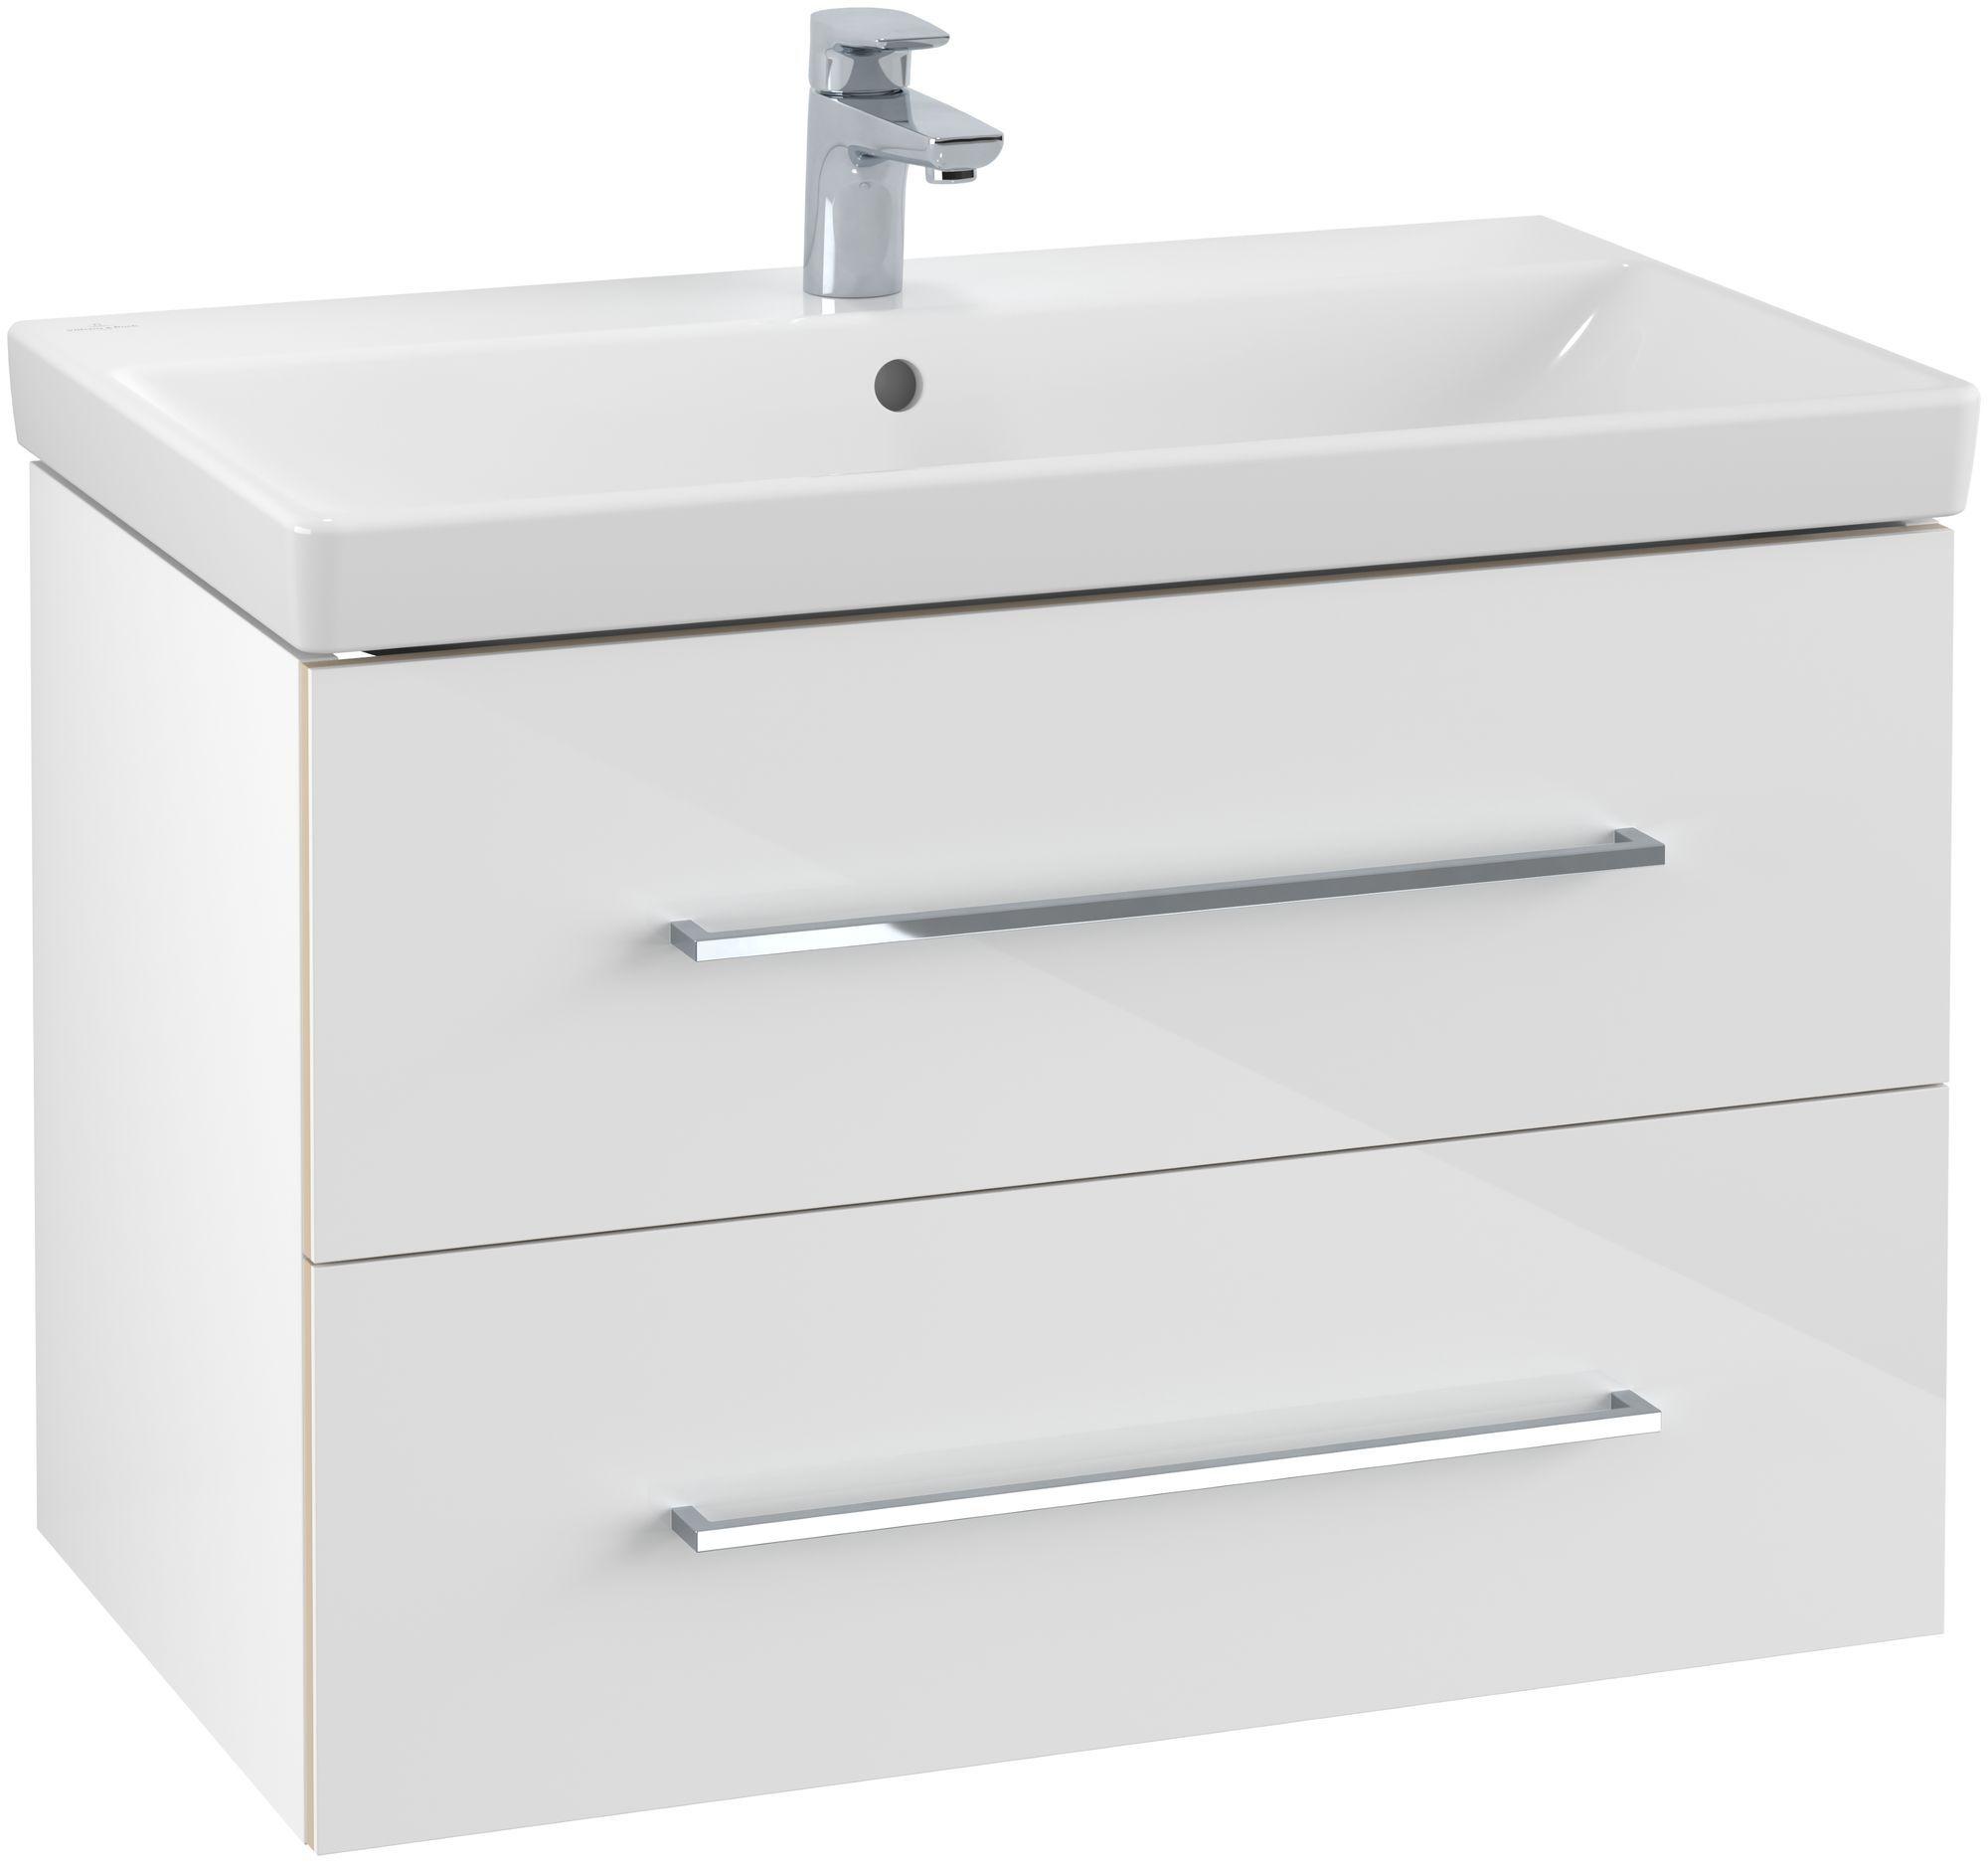 Villeroy & Boch Avento Waschtischunterschrank mit 2 Auszügen B:76 x H:52 x T:44,7 cm crystal white A89100B4